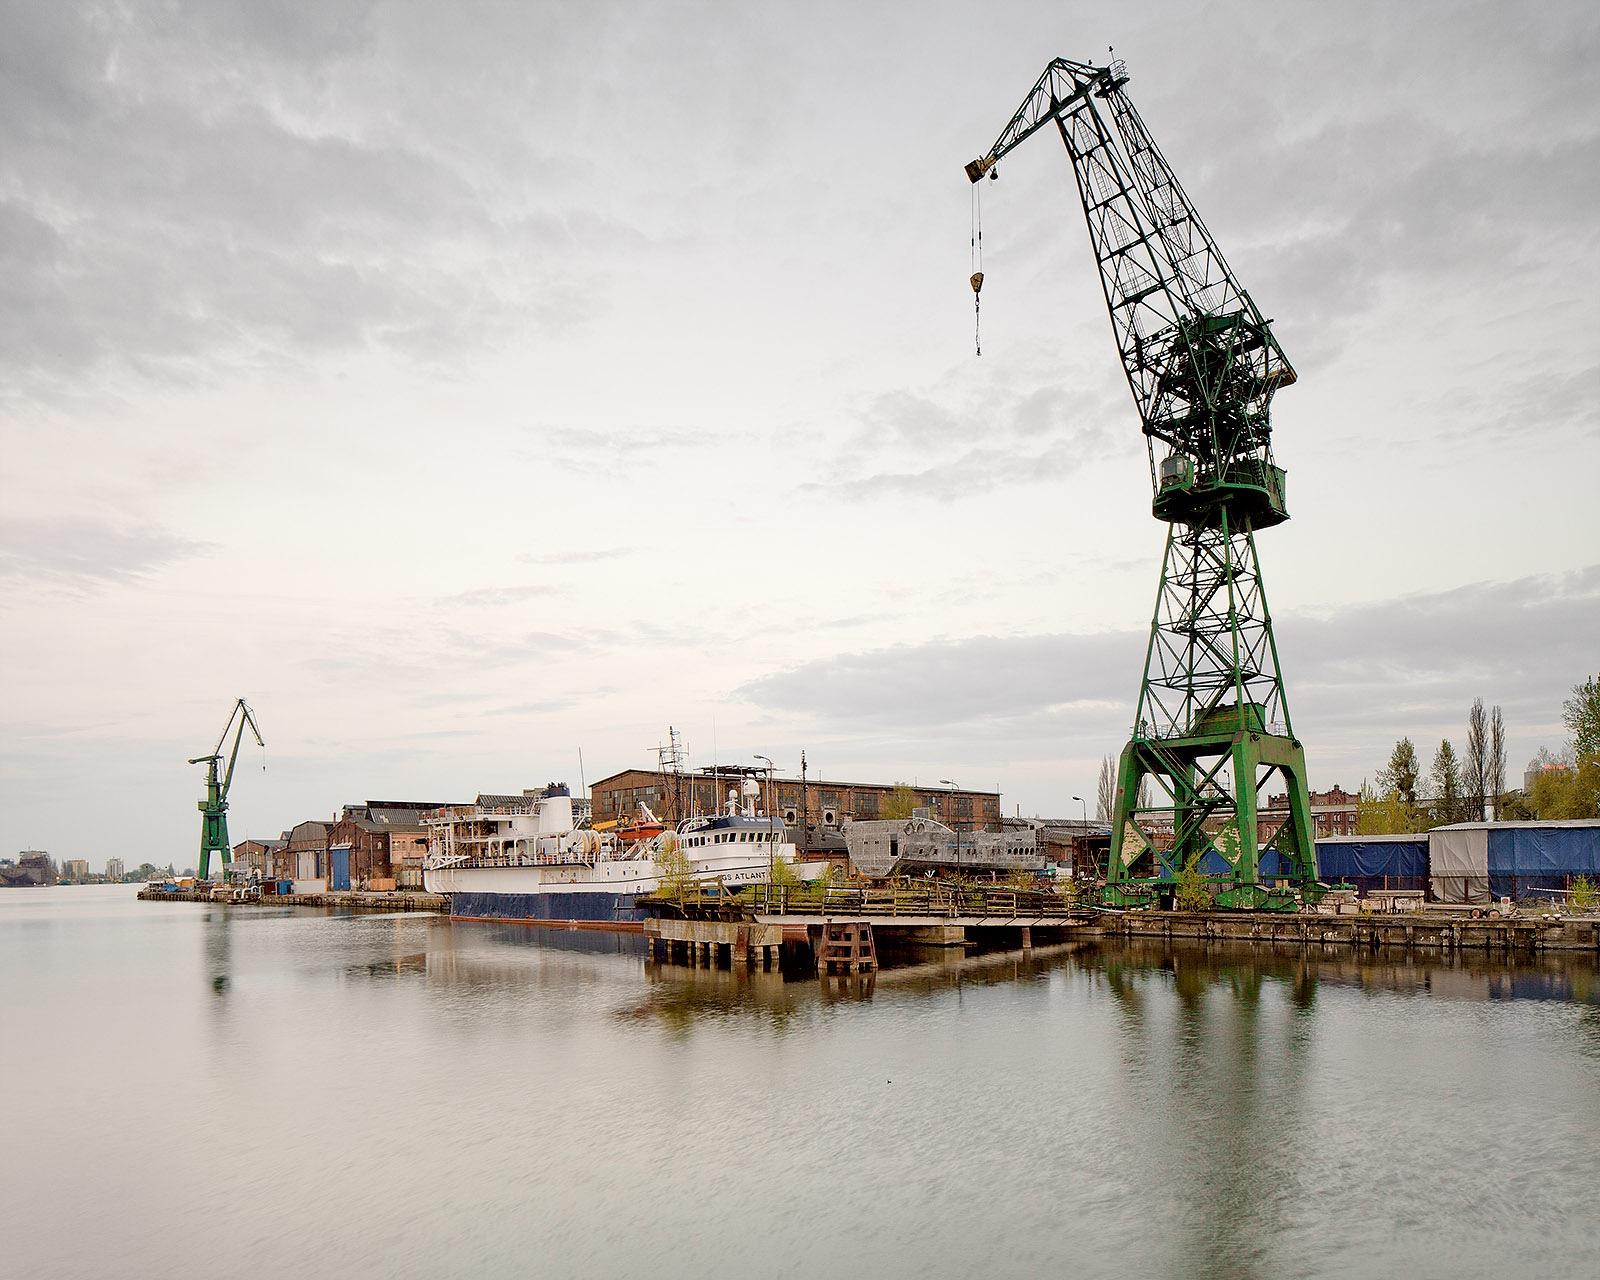 Shipyard #6